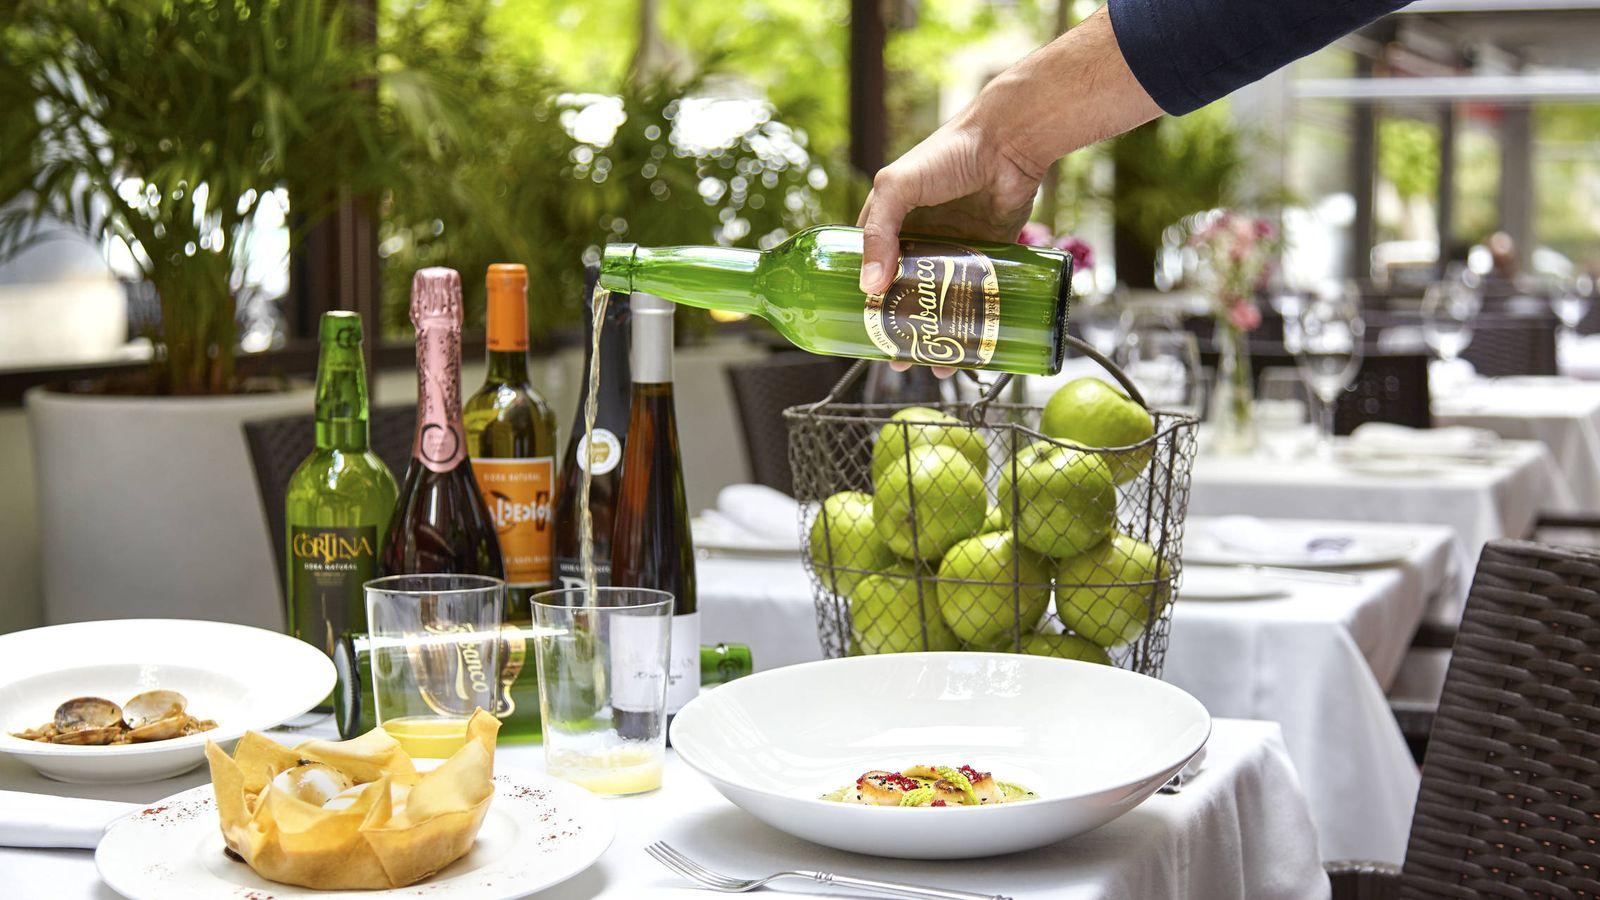 Tendencias gastronom a asgaya la mejor revisi n de la cocina tradicional asturiana en madrid - La cocina madrid ...